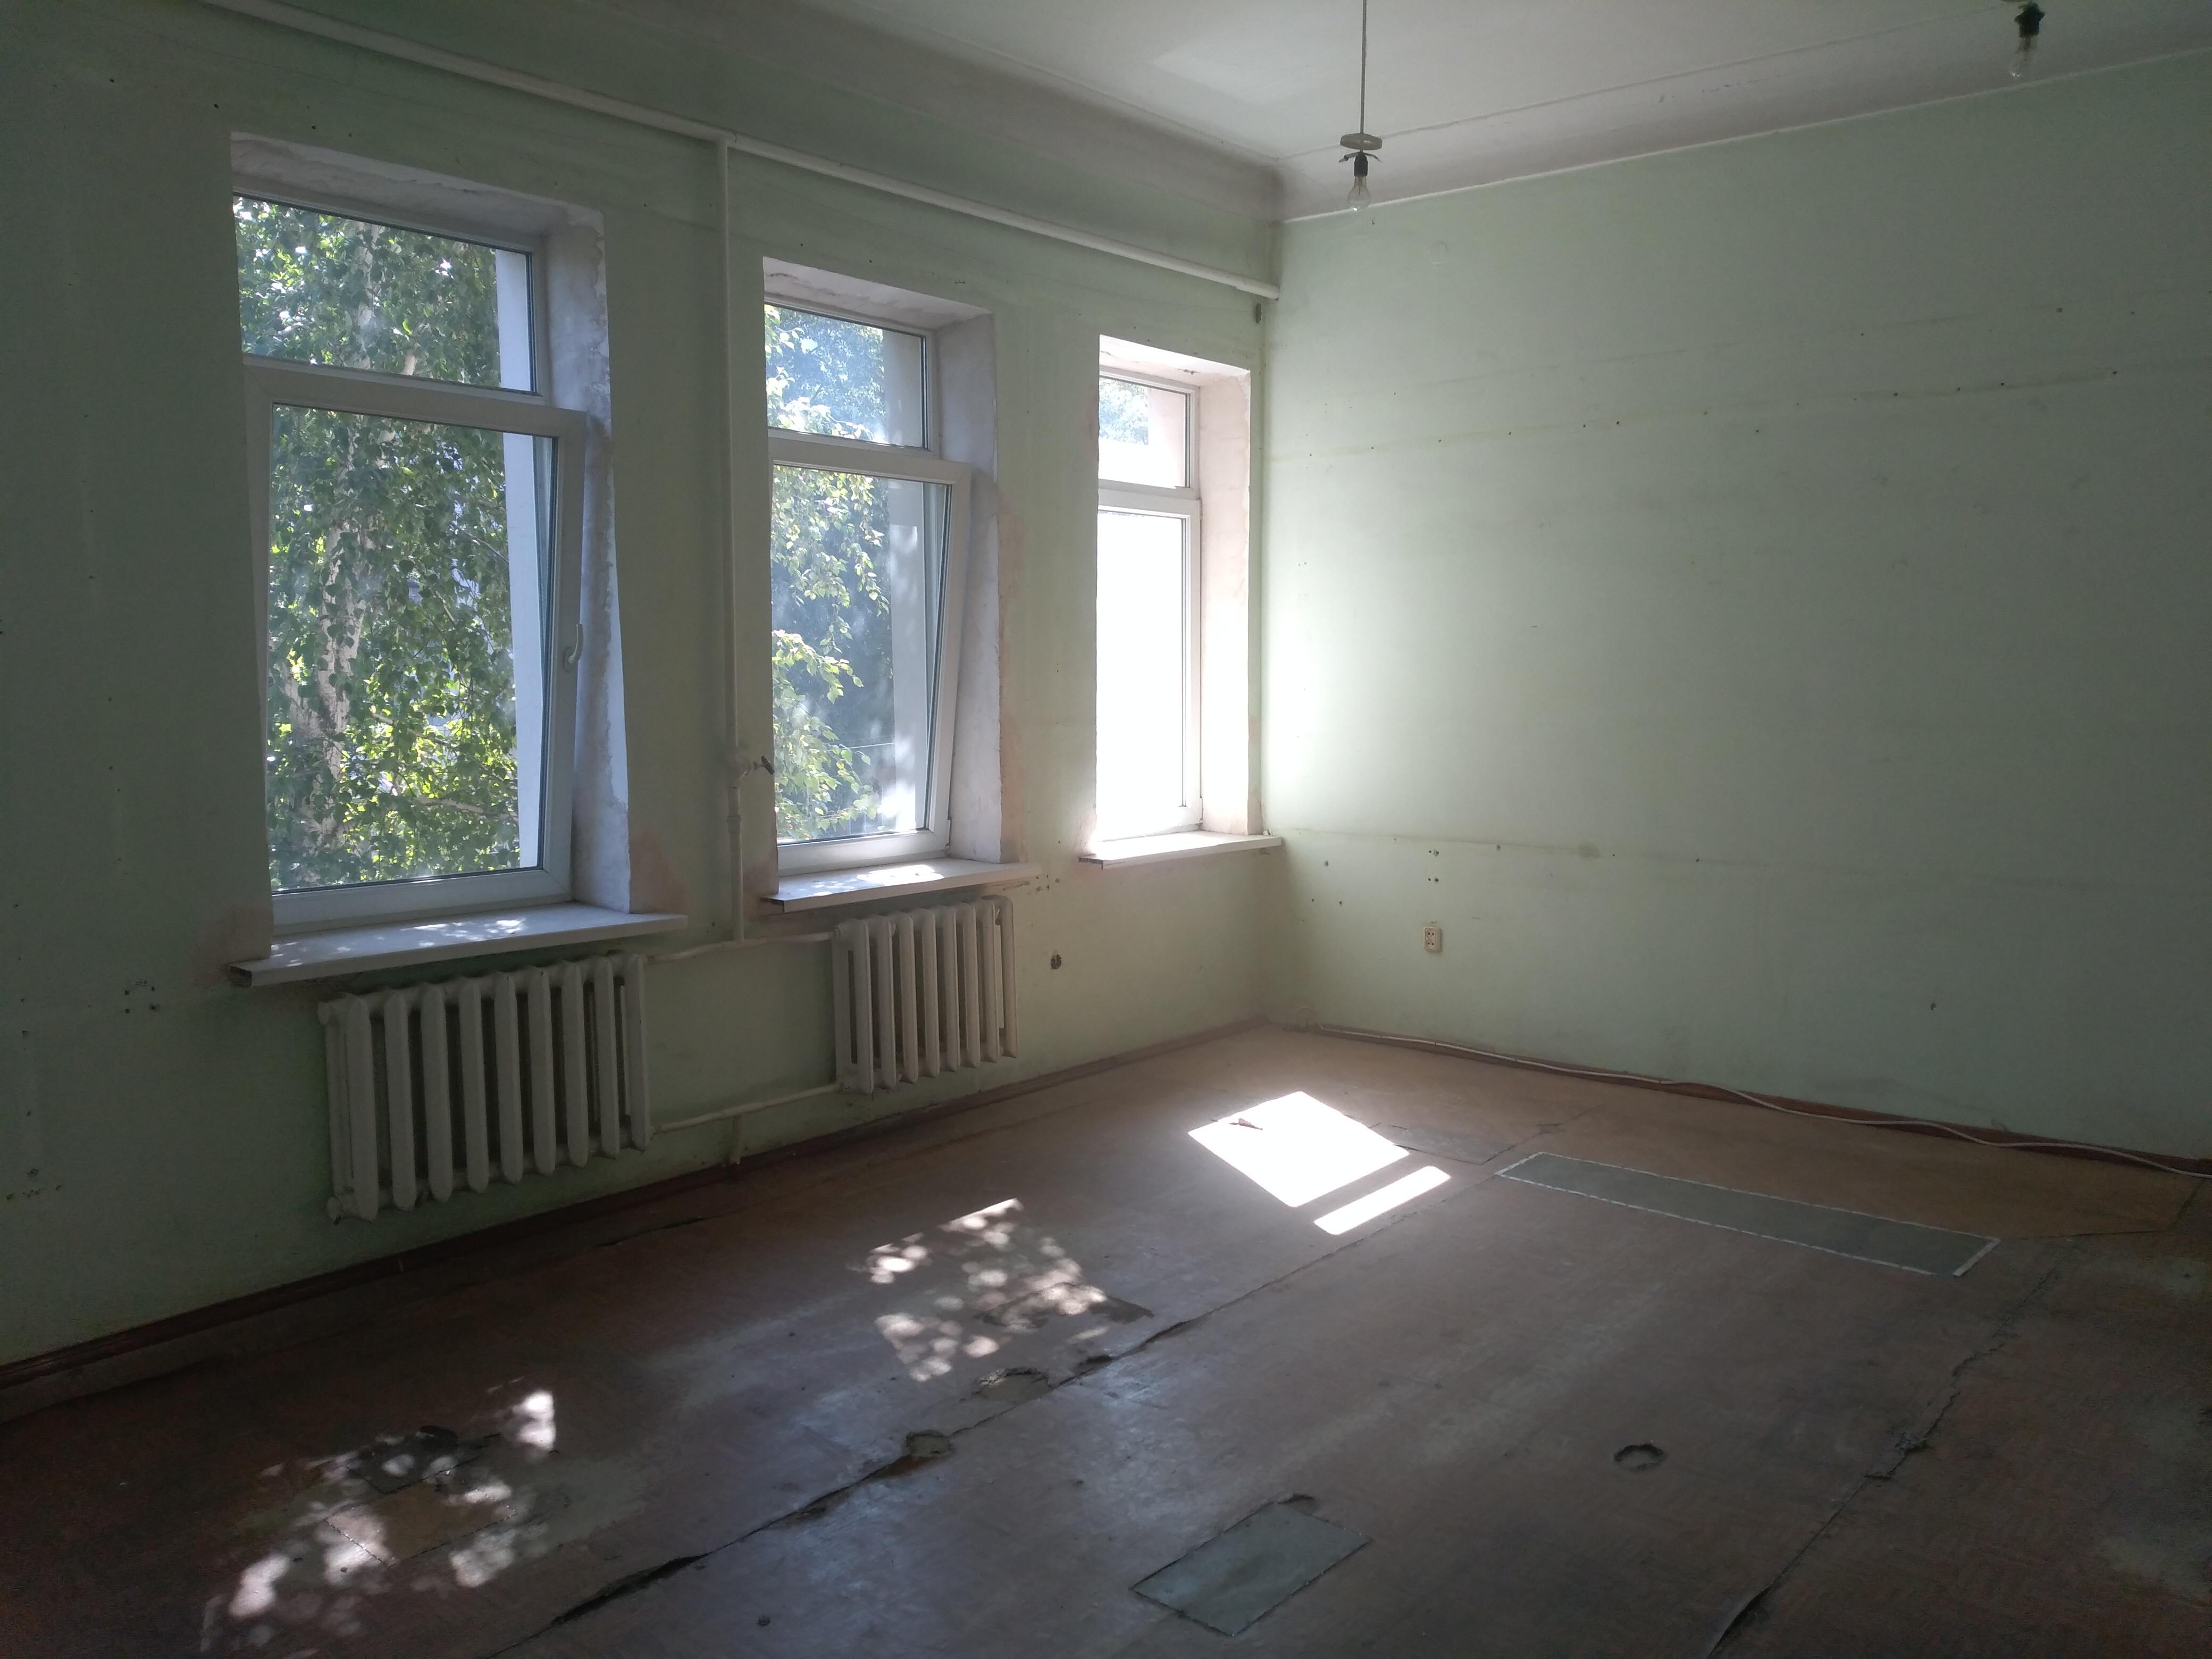 Аукціон на право оренди нерухомого майна комунальної власності Бахмутської міської територіальної громади, розташоване за адресою м.Бахмут, вул.Б.Горбатова, 57, загальною площею 38,54 кв.м.